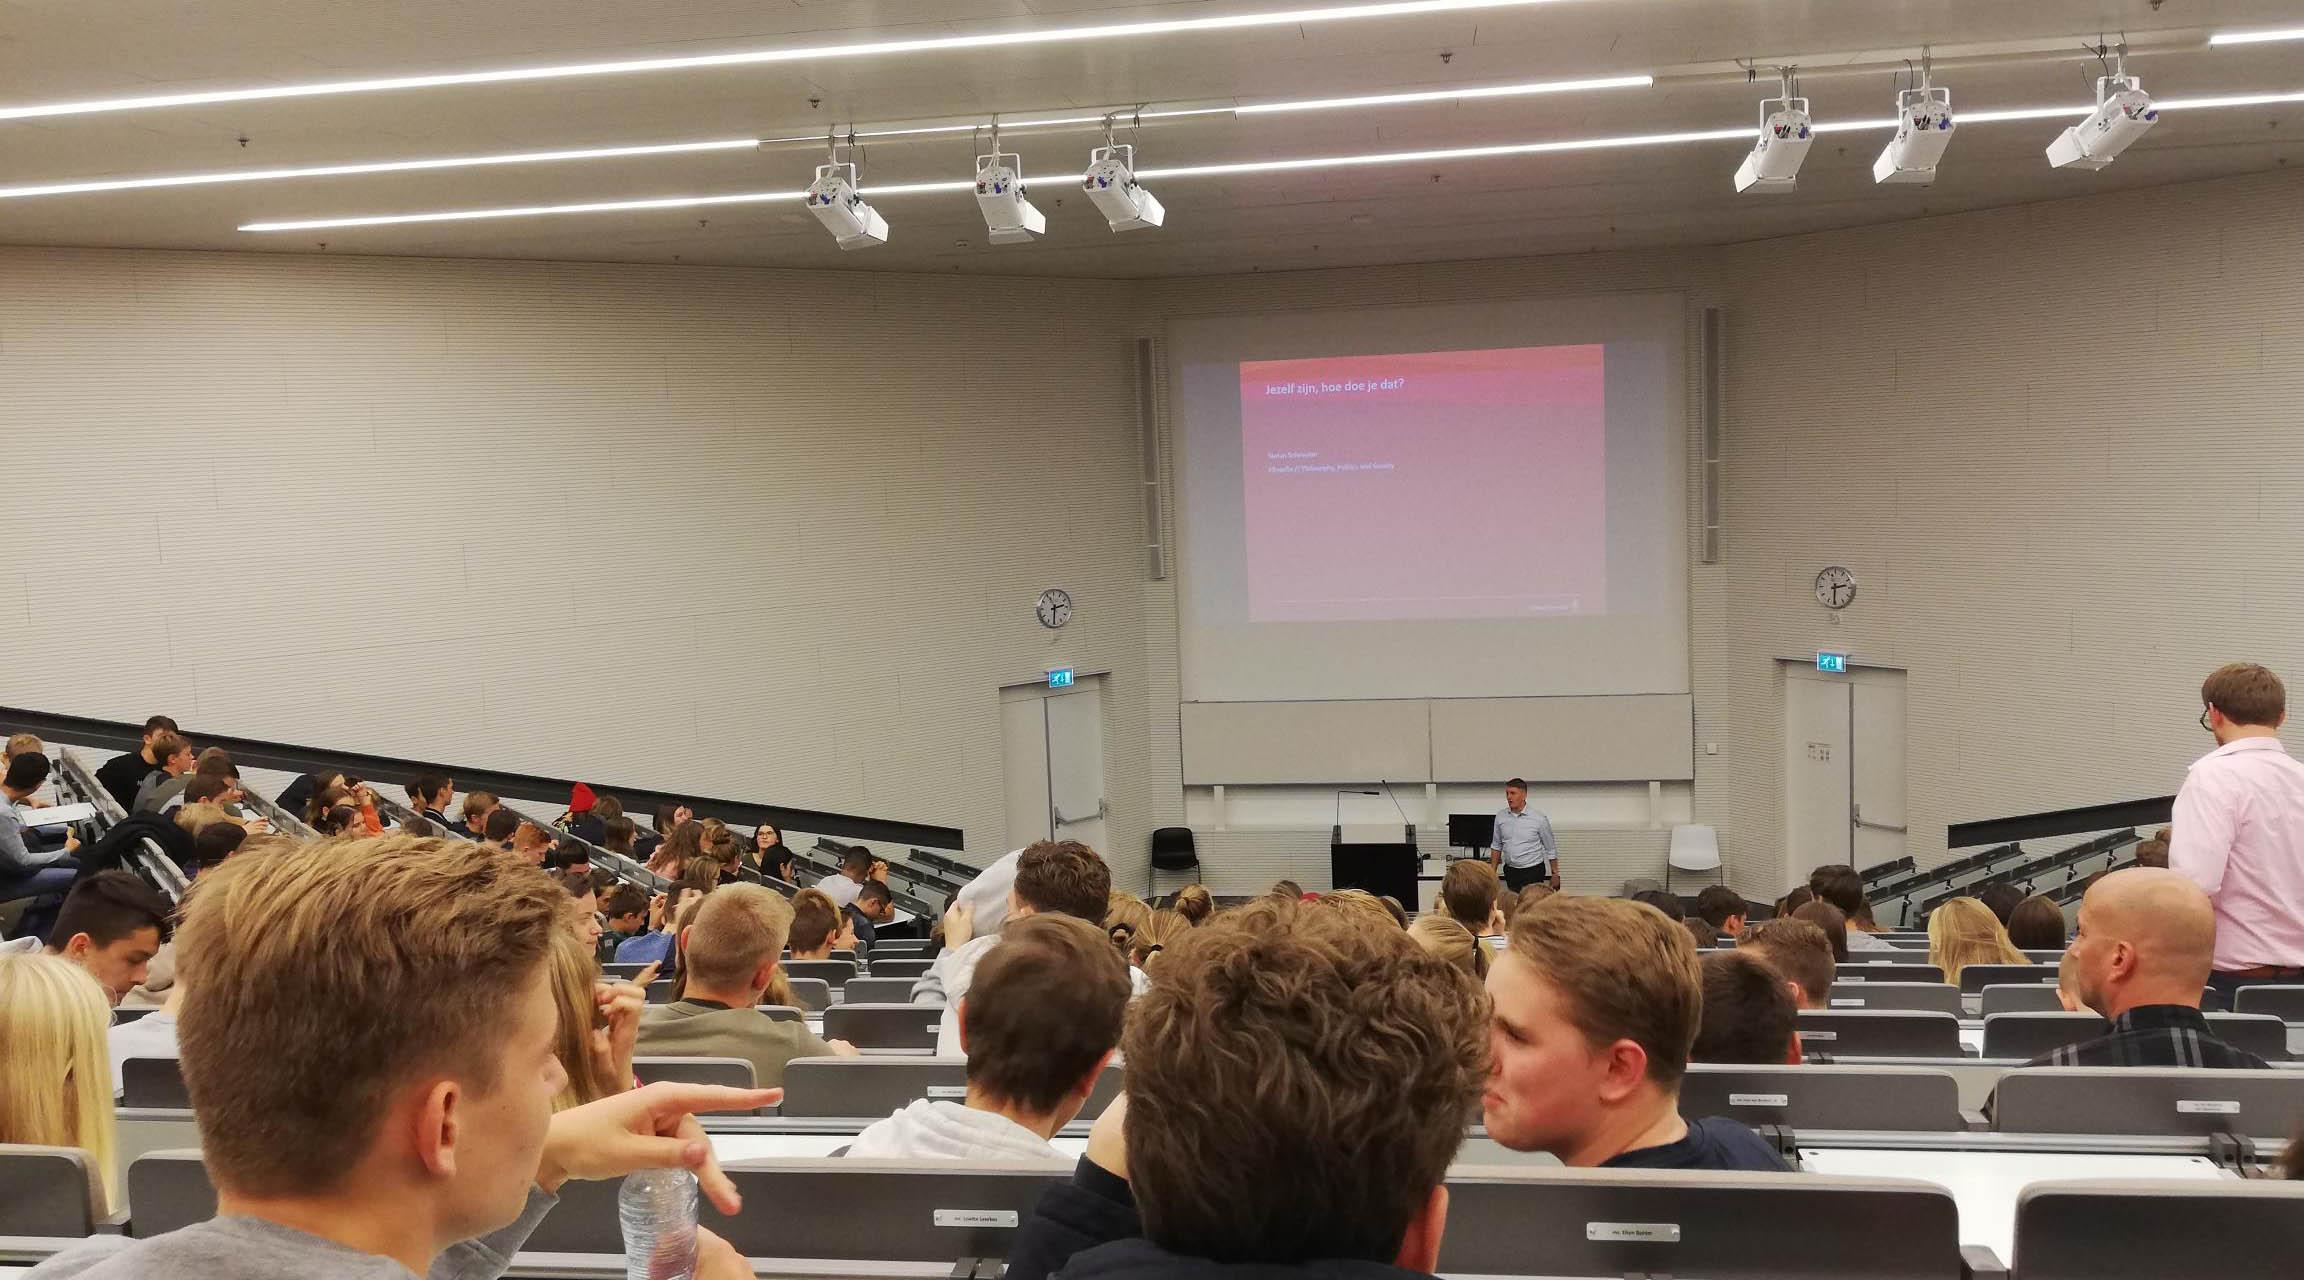 Vwo 4 bezoekt Radboud Universiteit